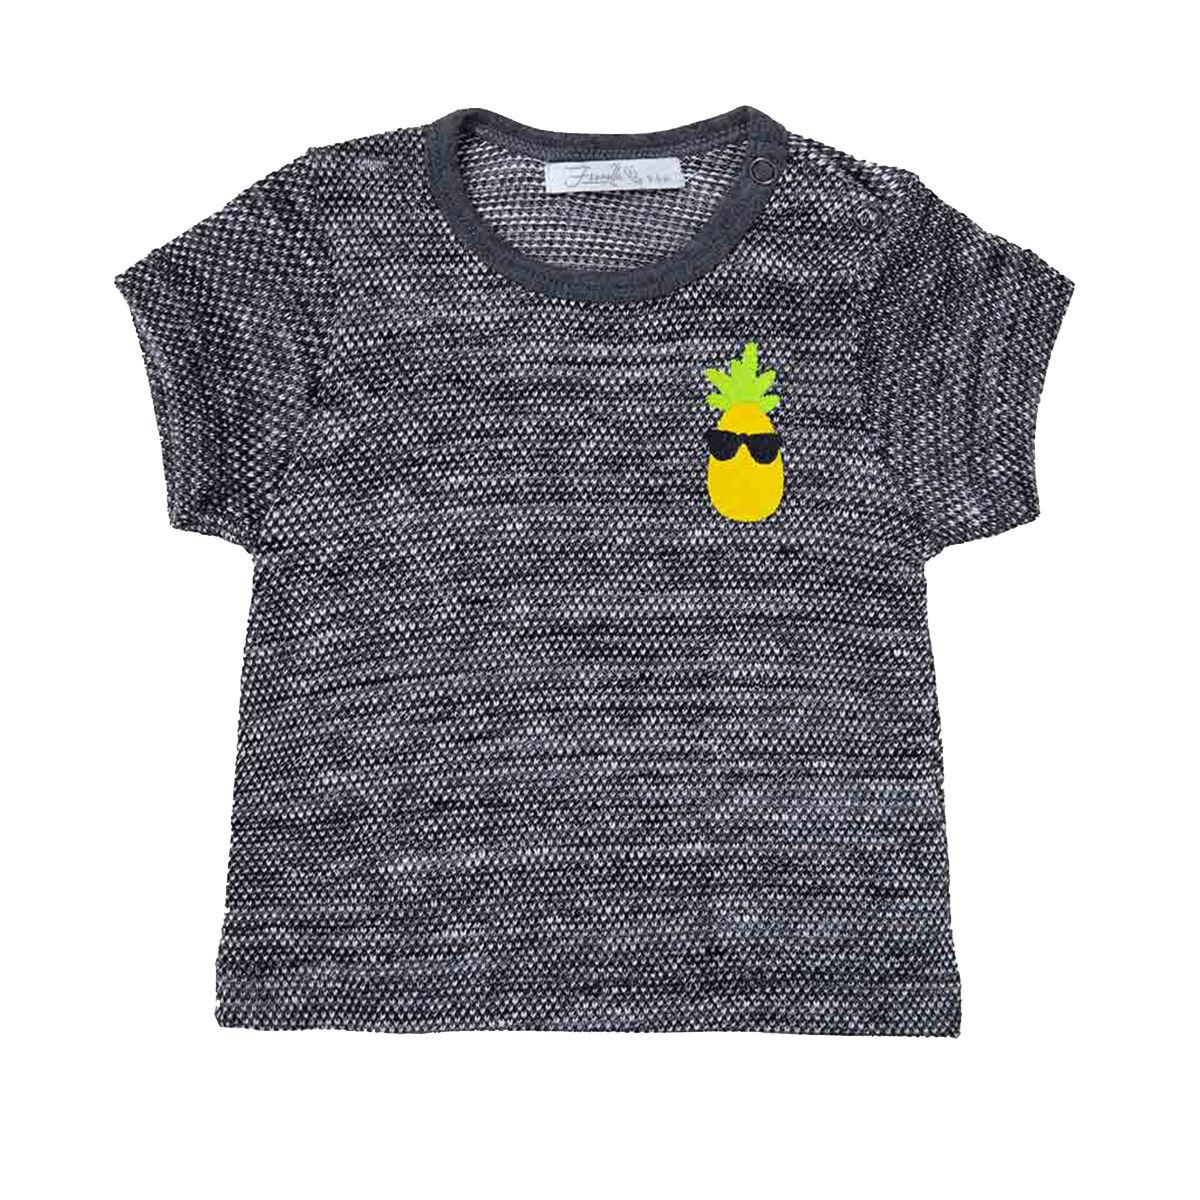 ست تی شرت و شلوارک پسرانه فیورلا مدل 31038 -  - 3